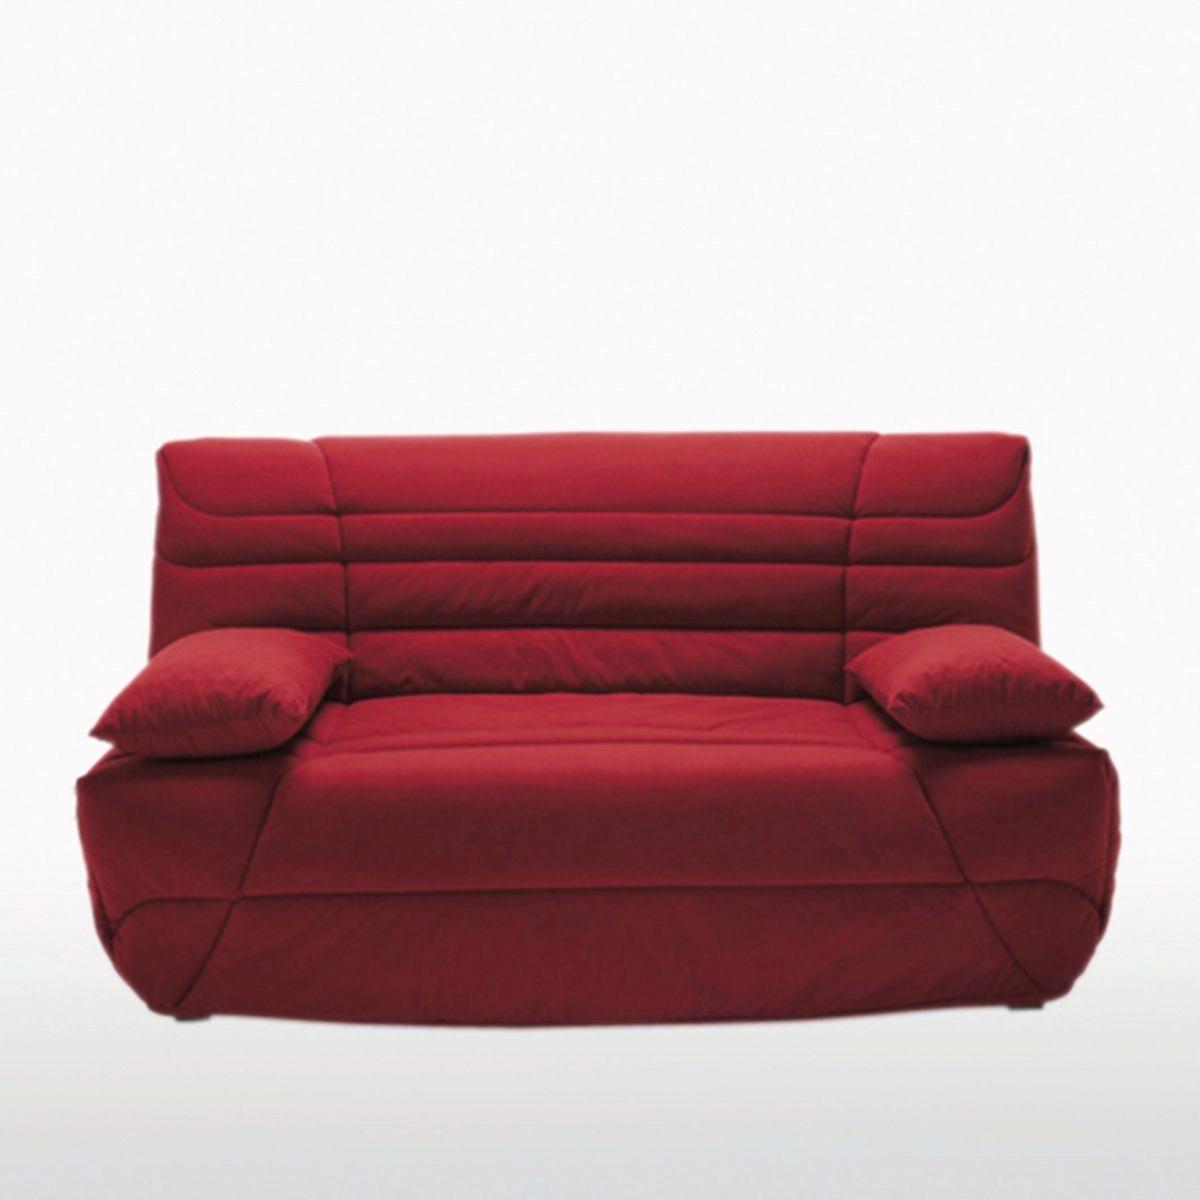 Чехол стеганый для дивана-книжки, толщина 9 см от La Redoute